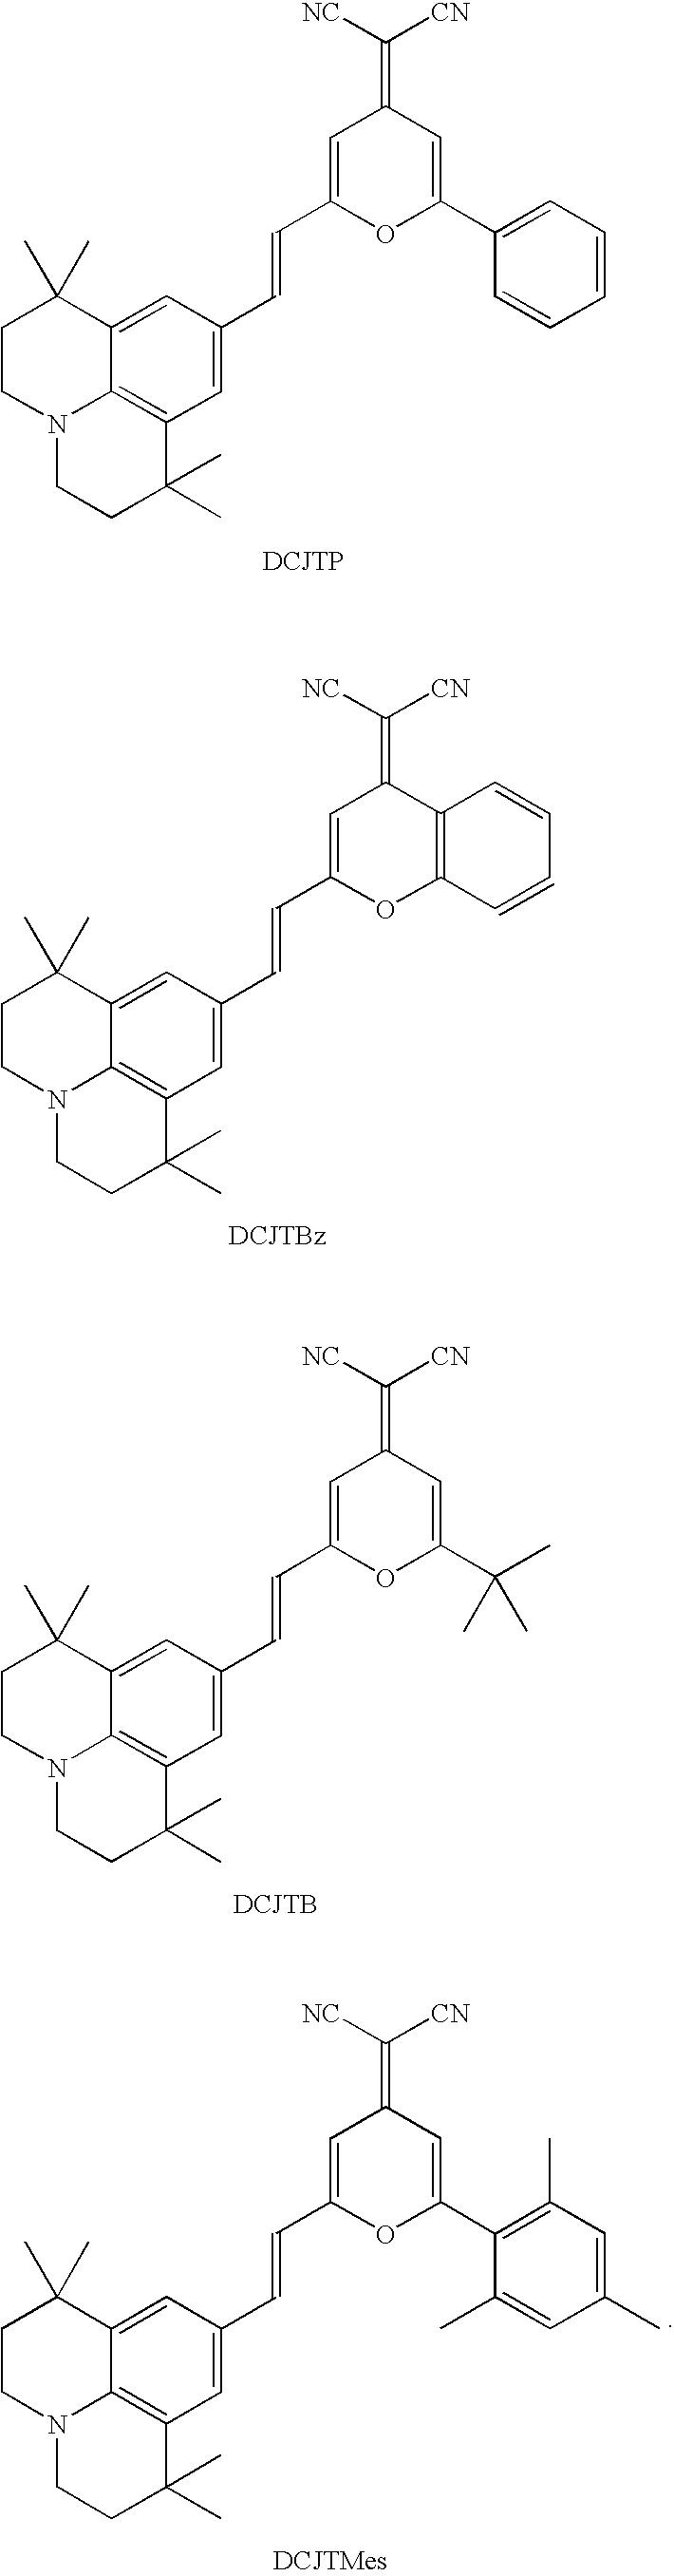 Figure US20070126347A1-20070607-C00029